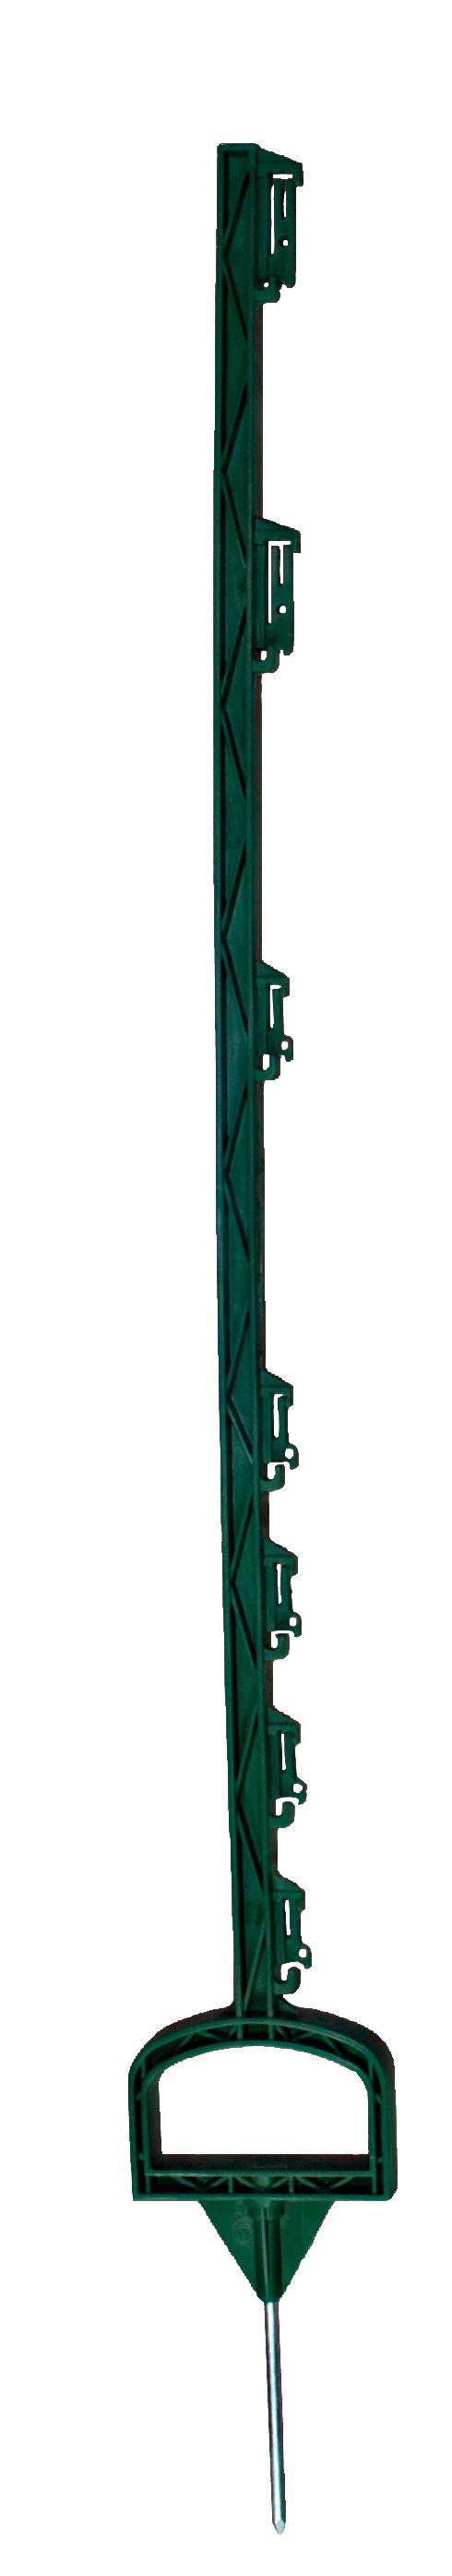 Weidezaunpfahl WZ 3000/110 G (grün)